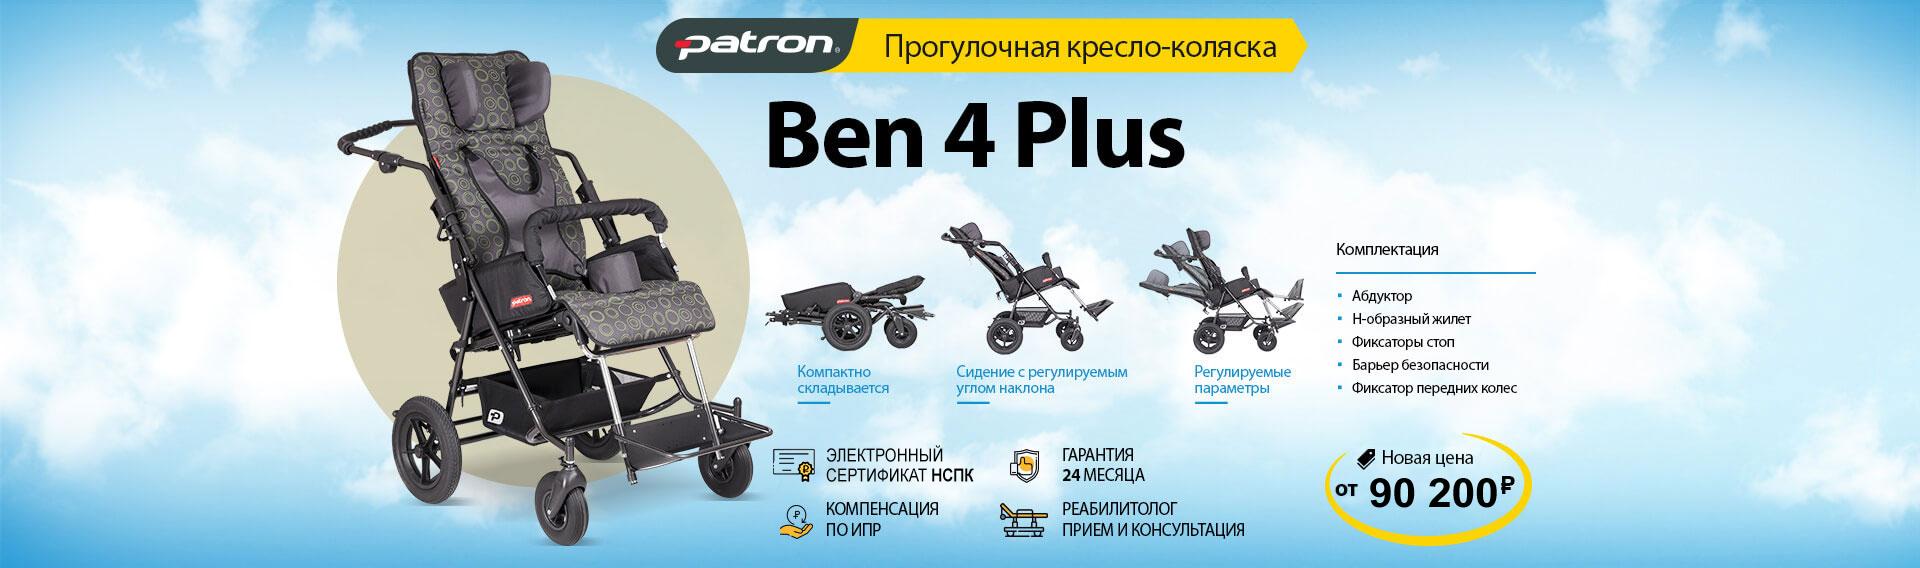 Ben 4 Plus